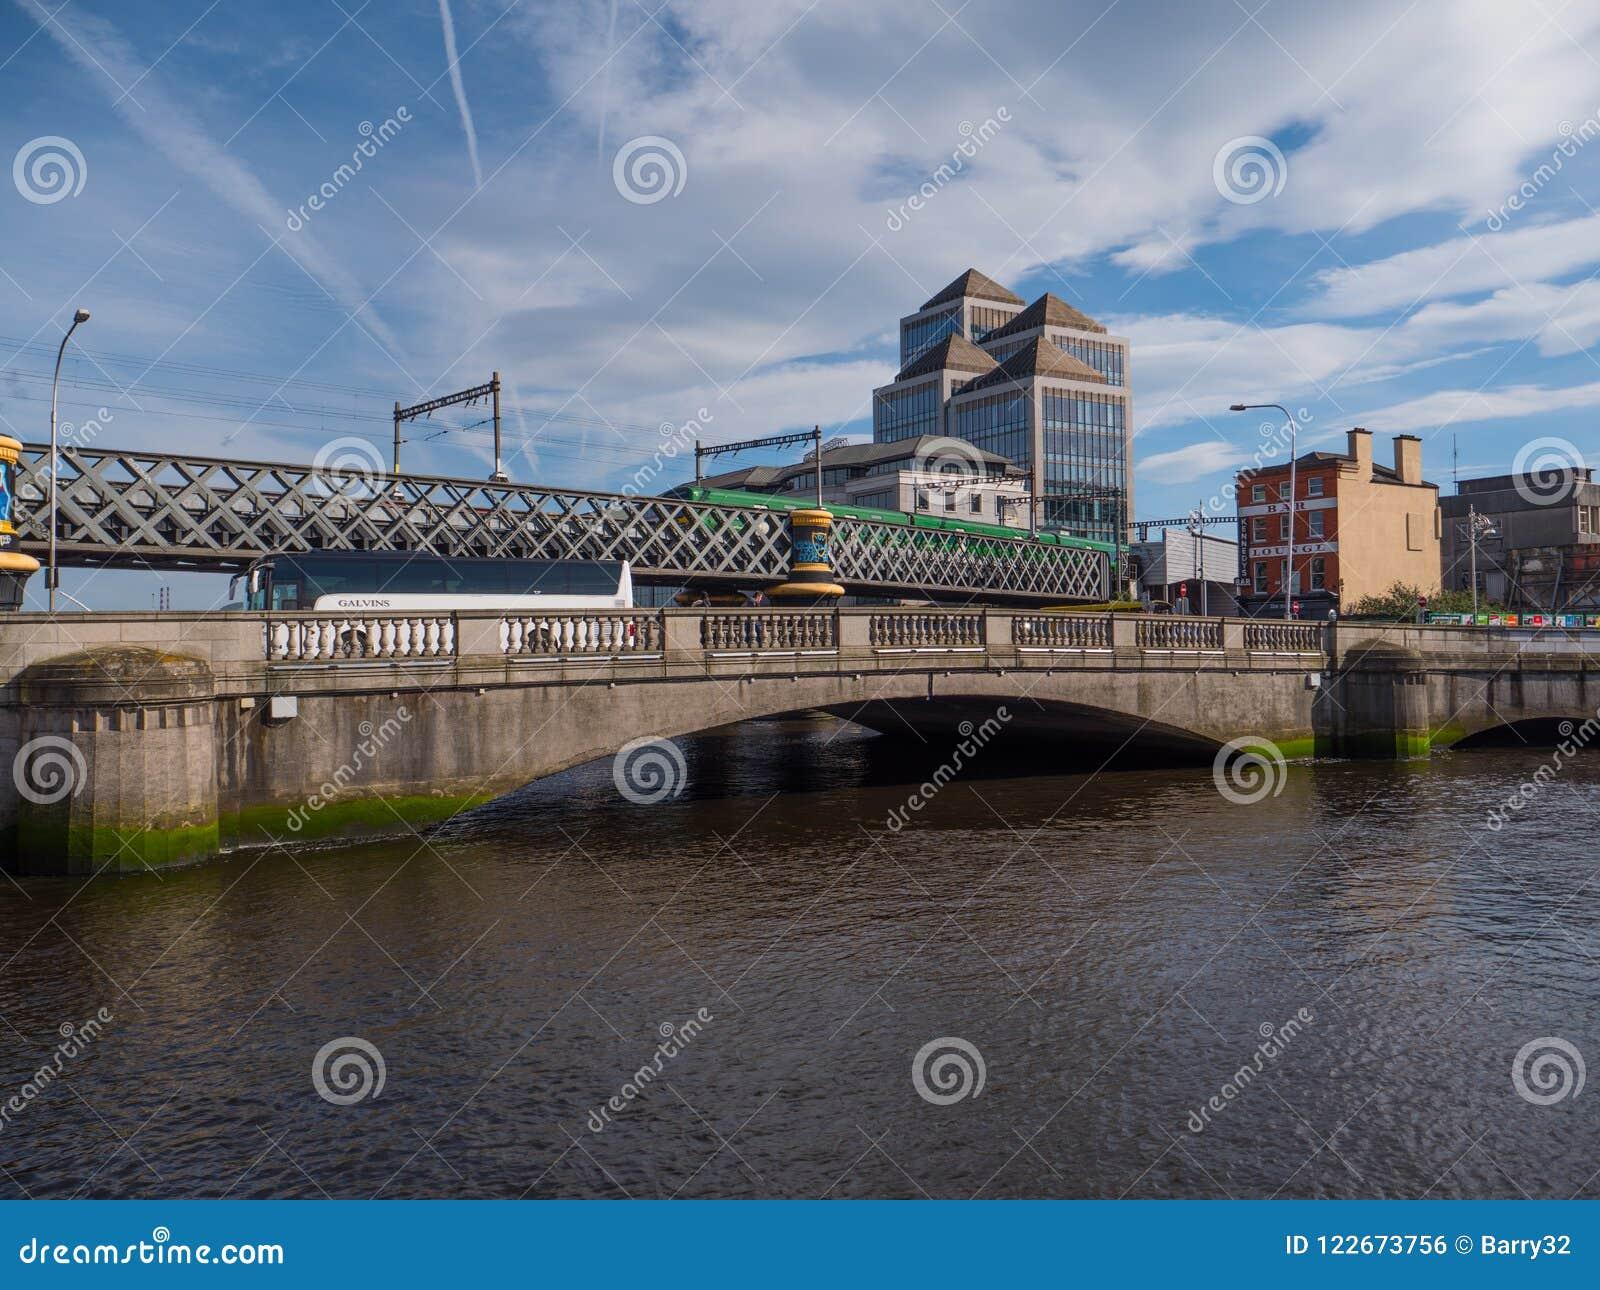 Δουβλίνο, Ιρλανδία - γέφυρα άκρης Liffey ποταμών, και γέφυρα ραγών με το τραίνο ΒΕΛΩΝ